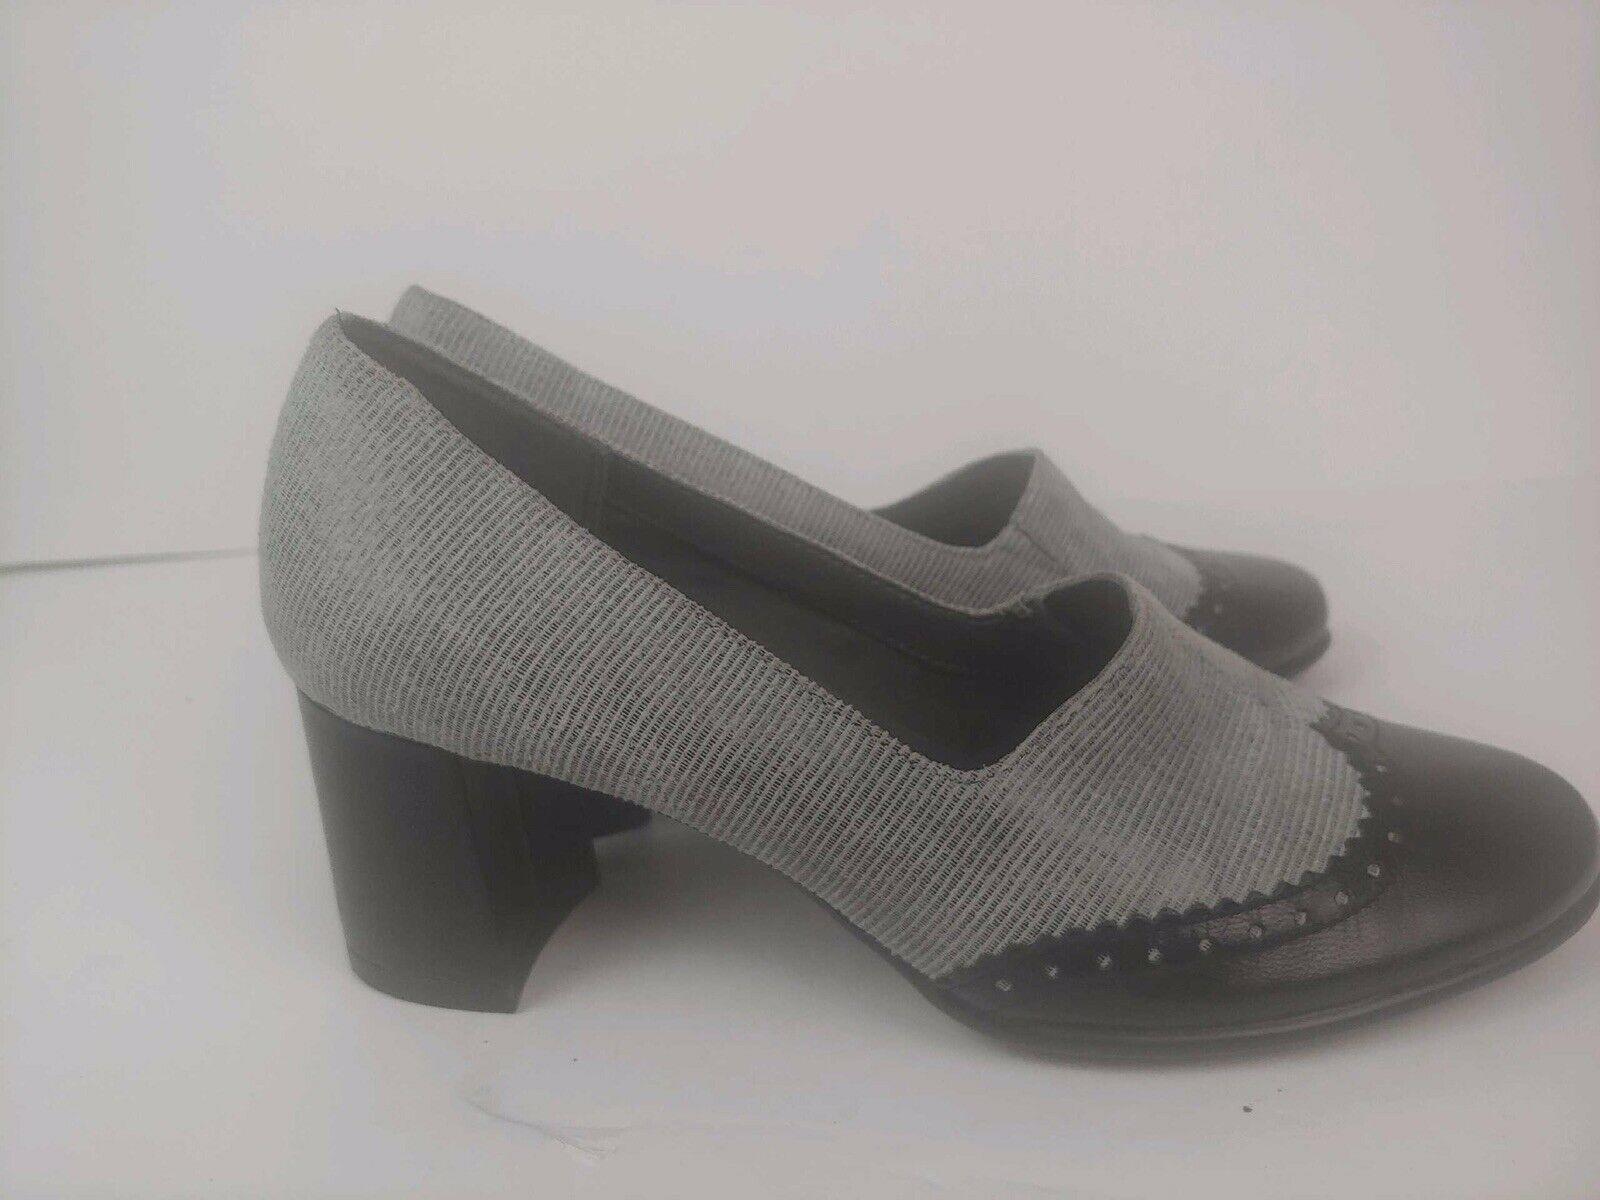 AEROSOLES Black Gray Wingtip Oxford Block Heel Slip On Pumps Heels Women's 7